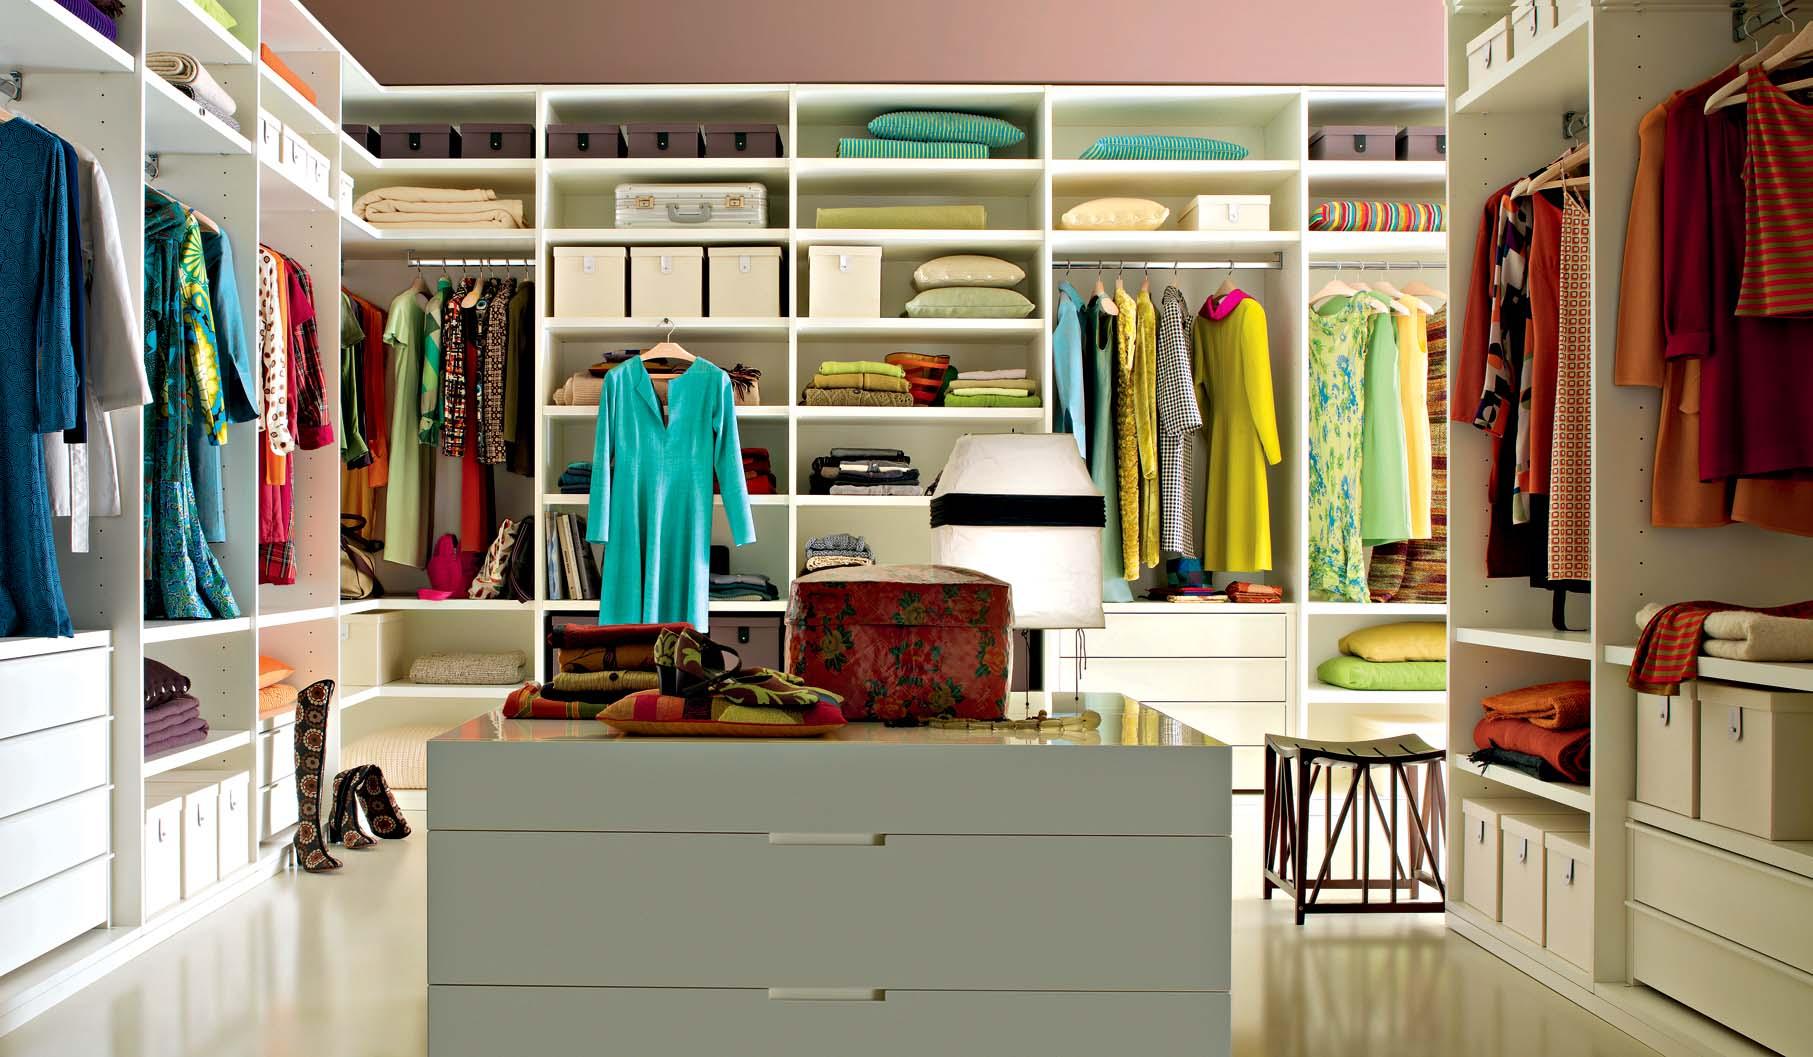 Обустройство гардеробной комнаты в квартире своими руками ... Небольшой Дом в Стиле Хай Тек